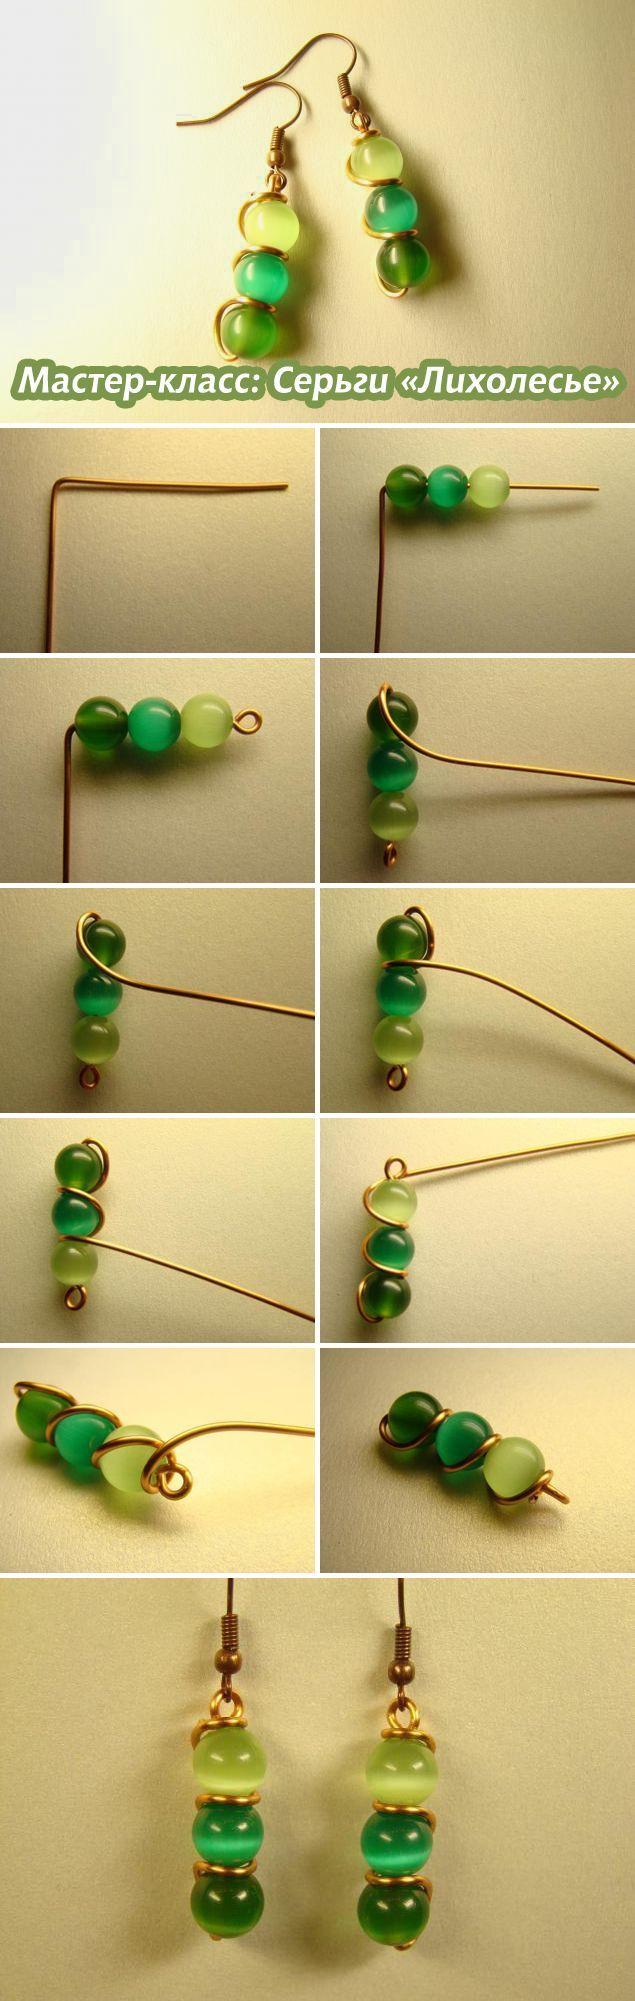 Photo of Draht gewickelt Kupfer Ohrringe DIY Draht Schmuck Tutorials … Ich liebe diese einfachen E …